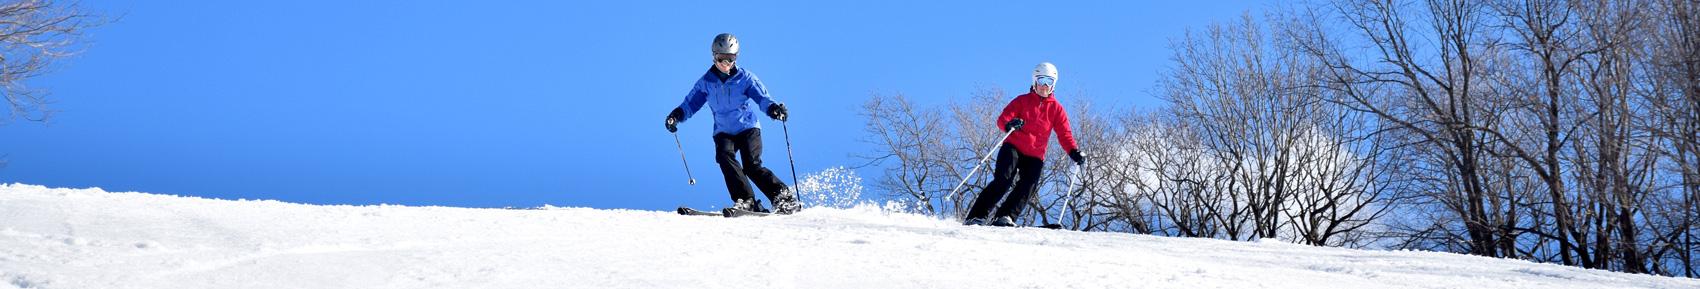 skiers-1